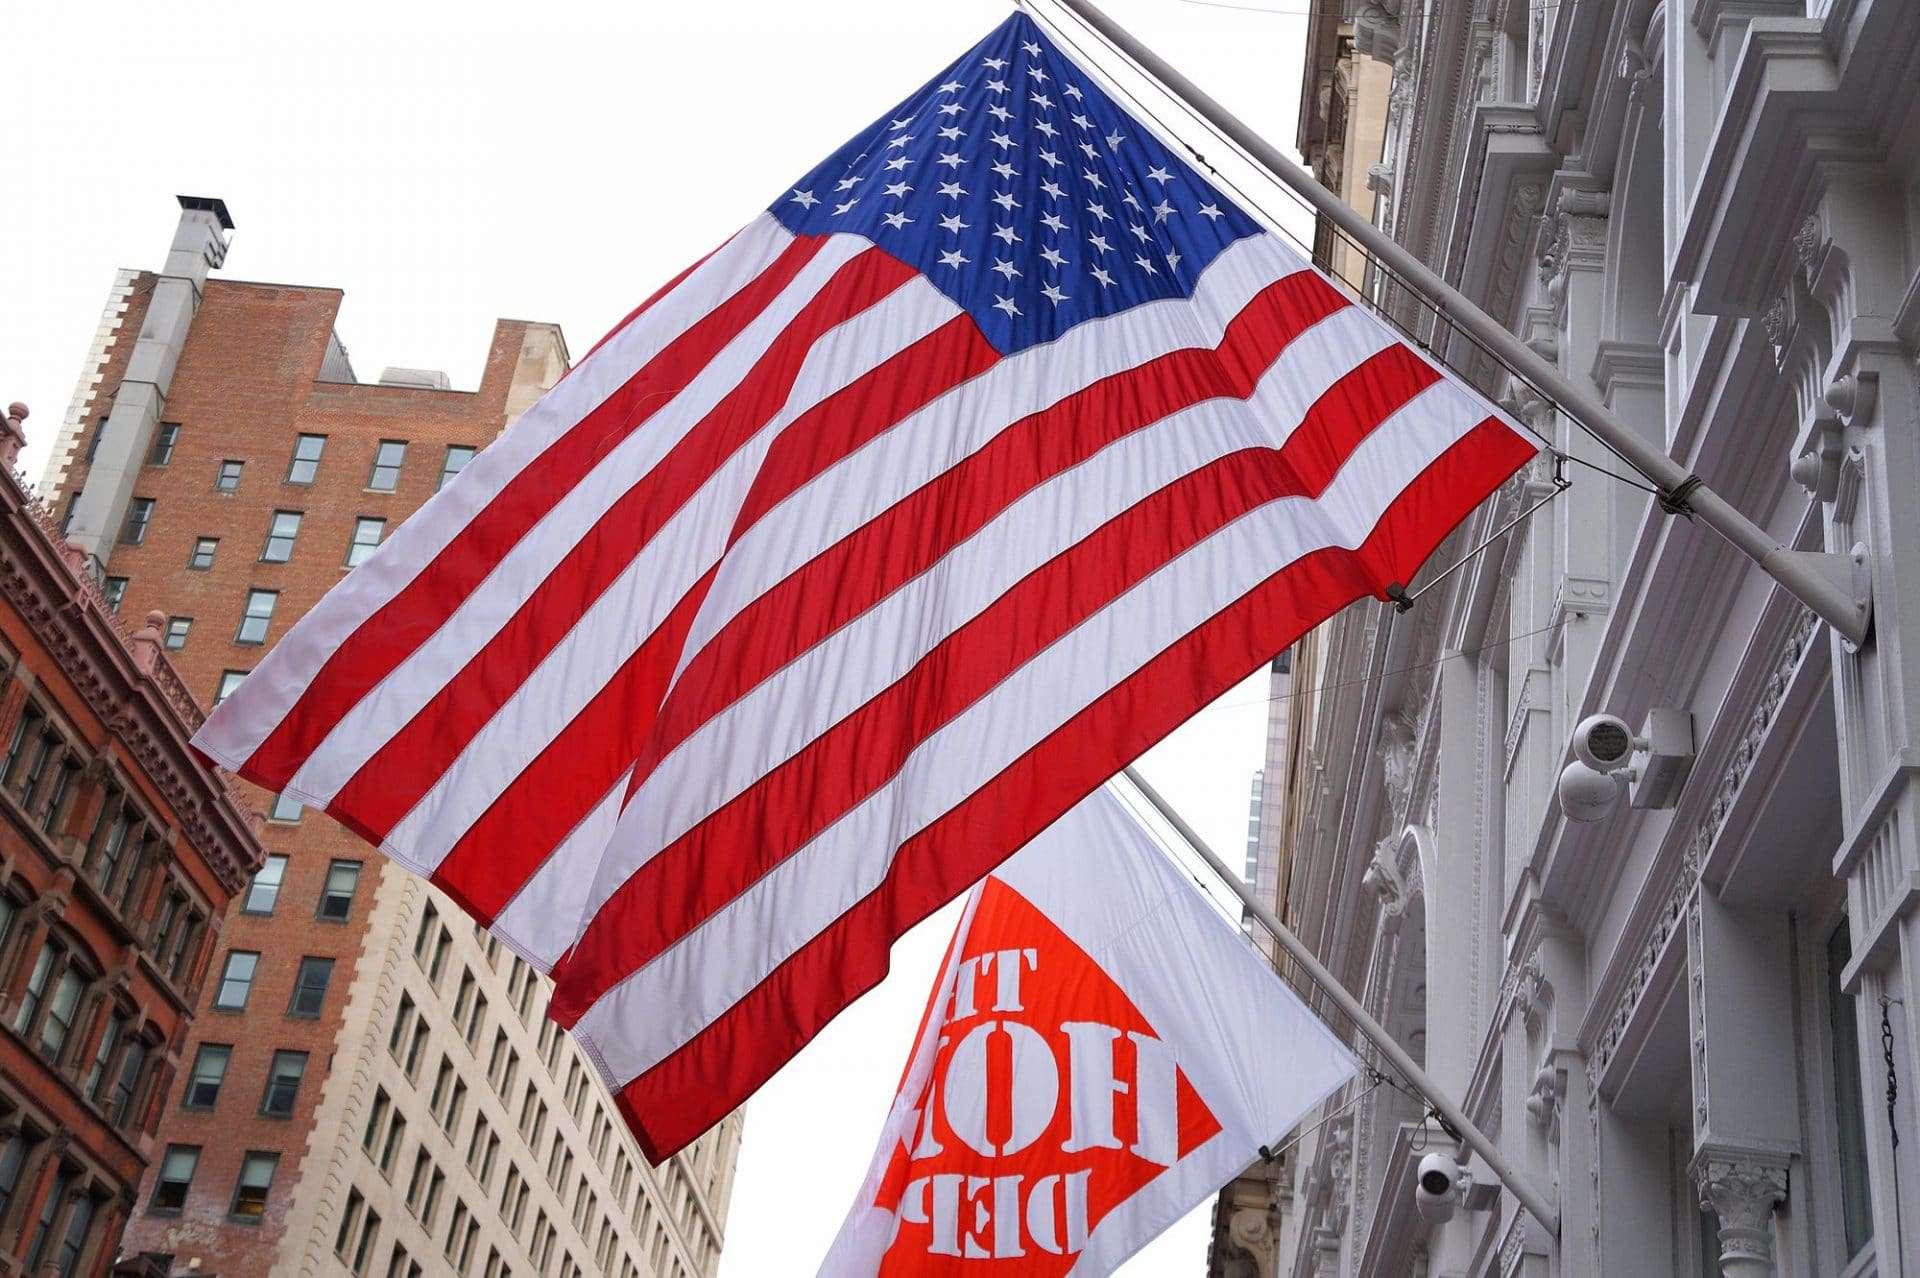 ESTA Stati Uniti: che cos'è, quanto costa e come richiederla